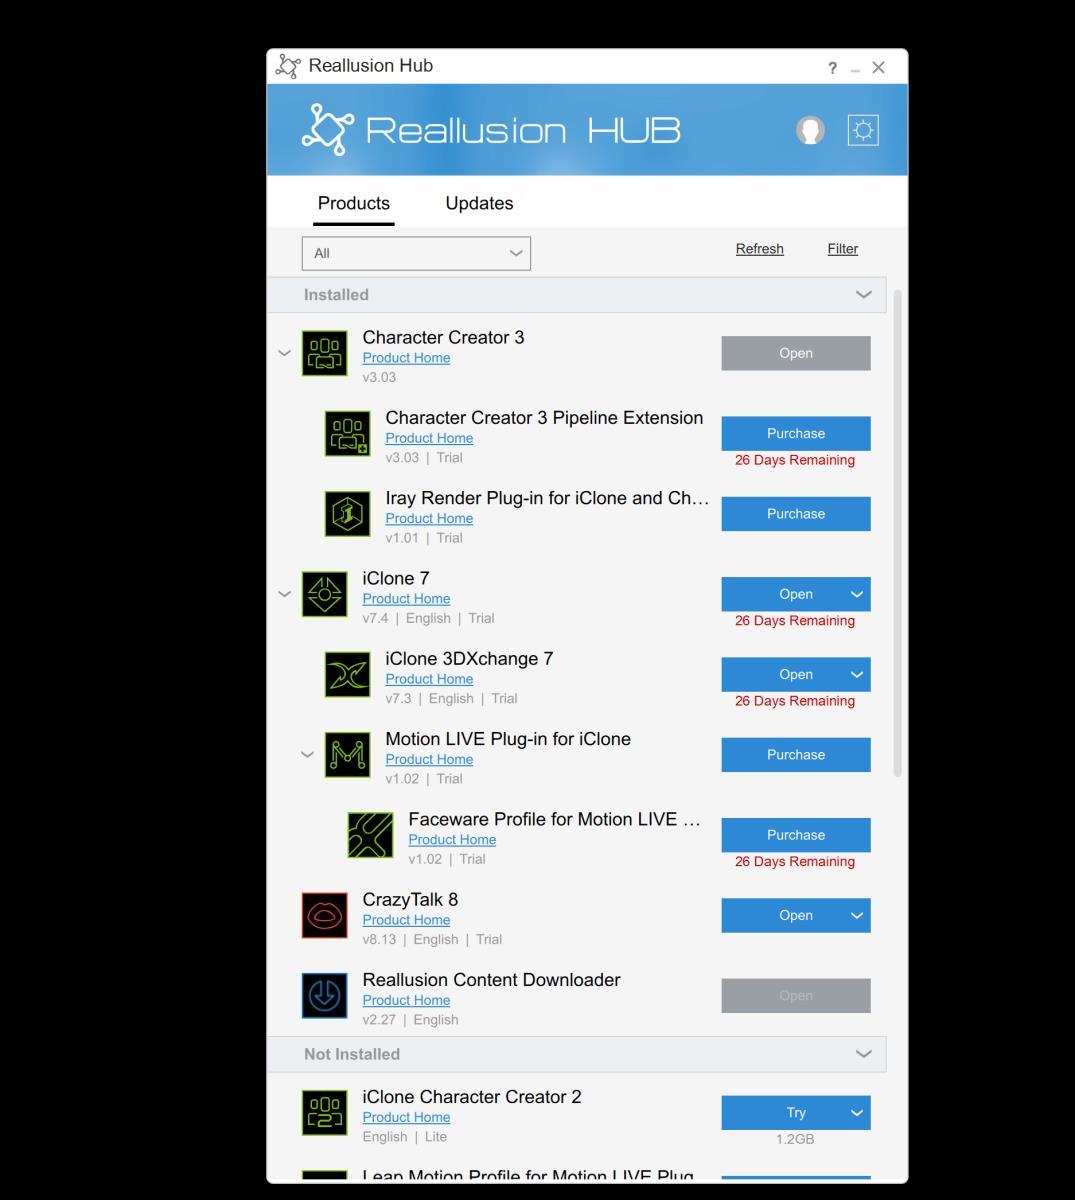 https://forum.reallusion.com/uploads/images/d6380877-8637-4db3-a8ab-3d1e.jpg